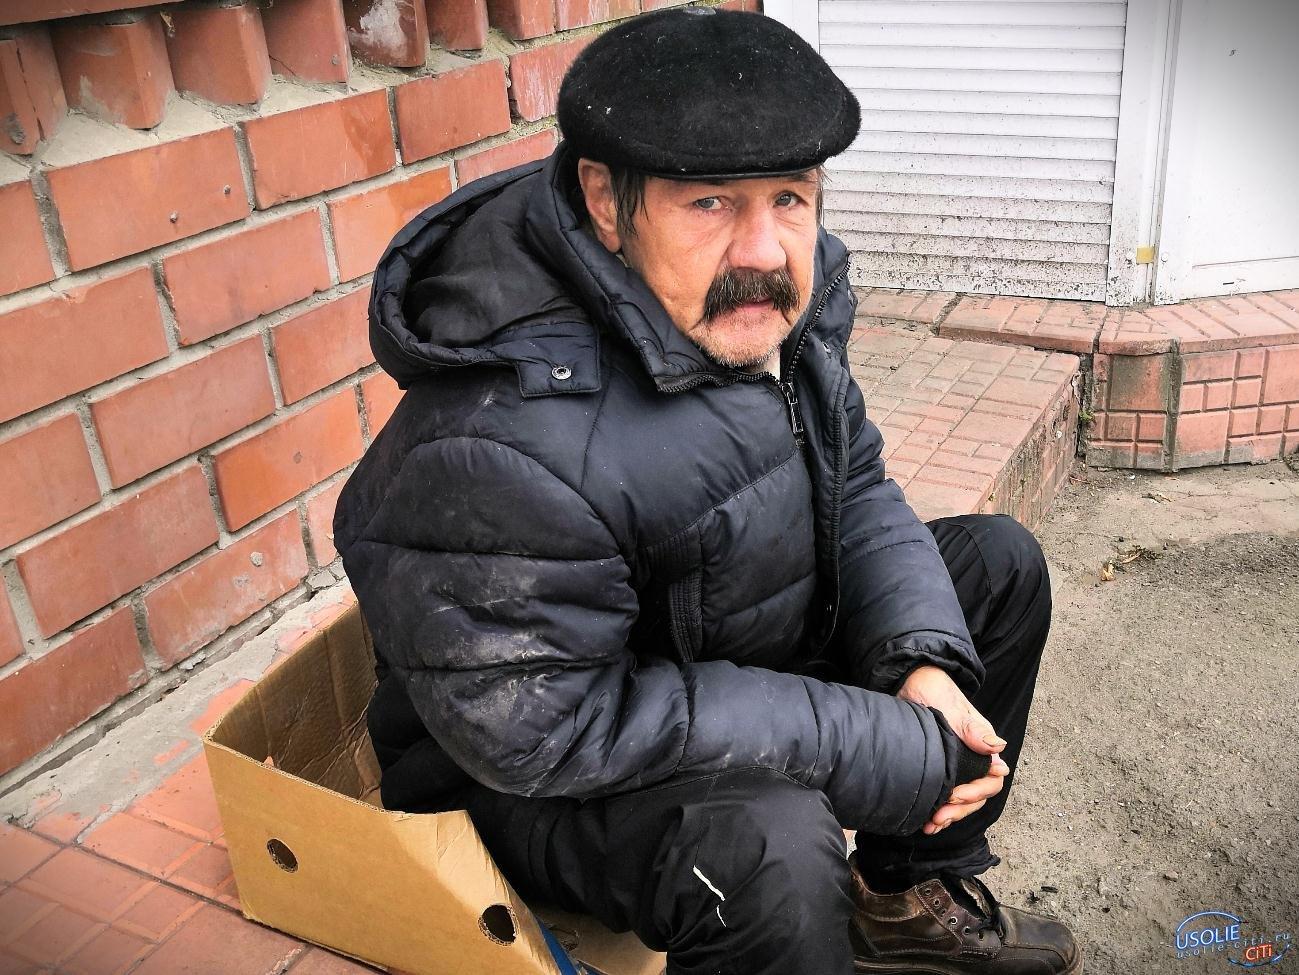 В Усолье убийца просит денег на хлеб